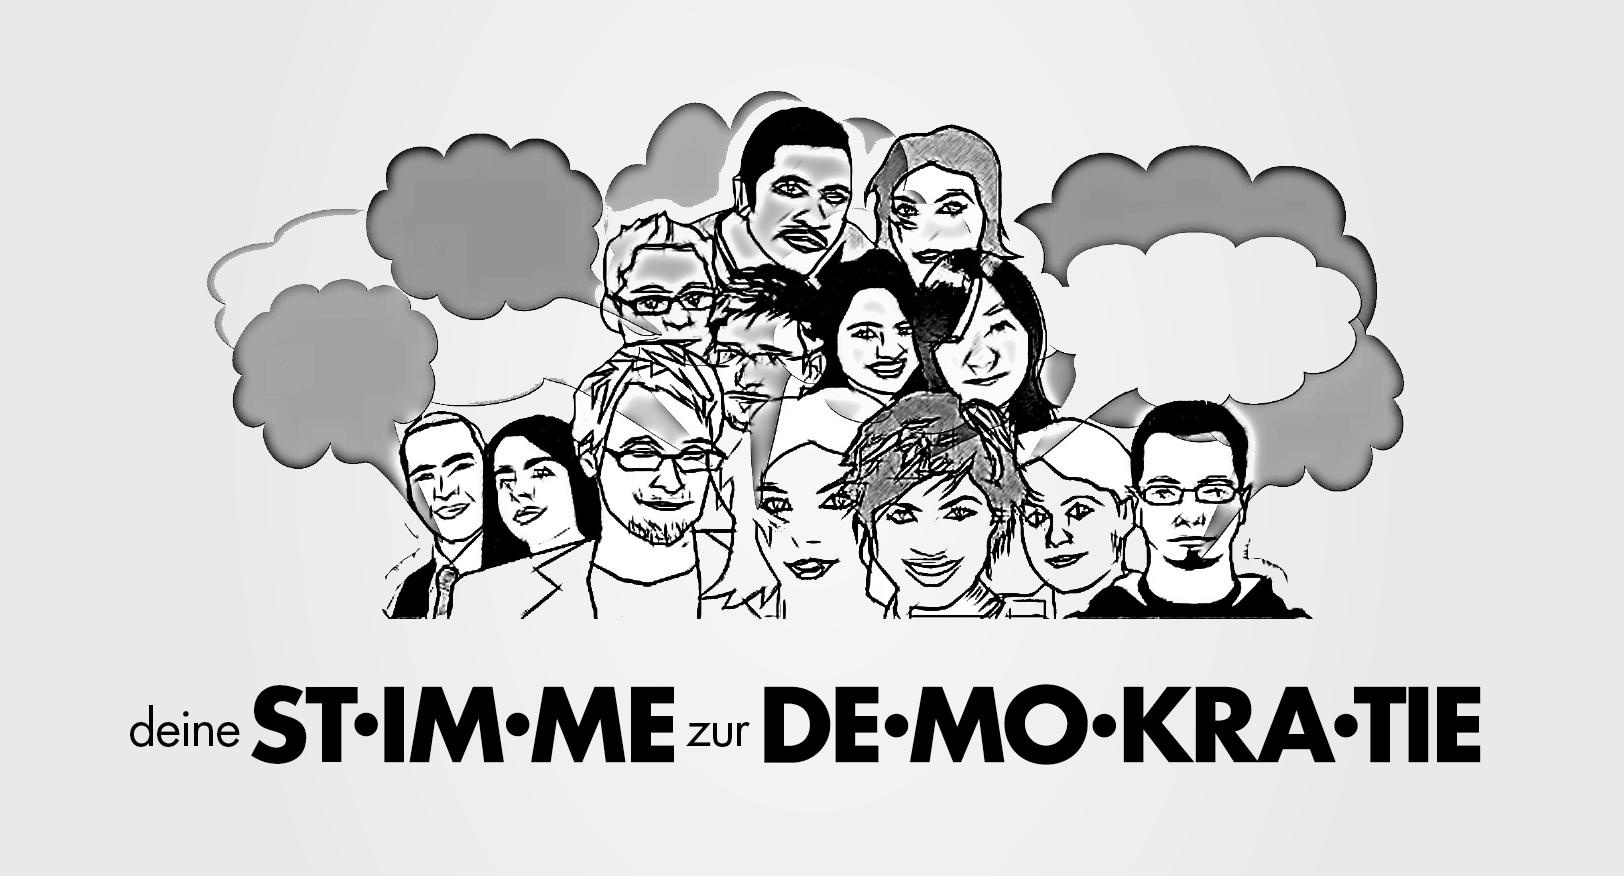 Deine Stimme zur Demokratie